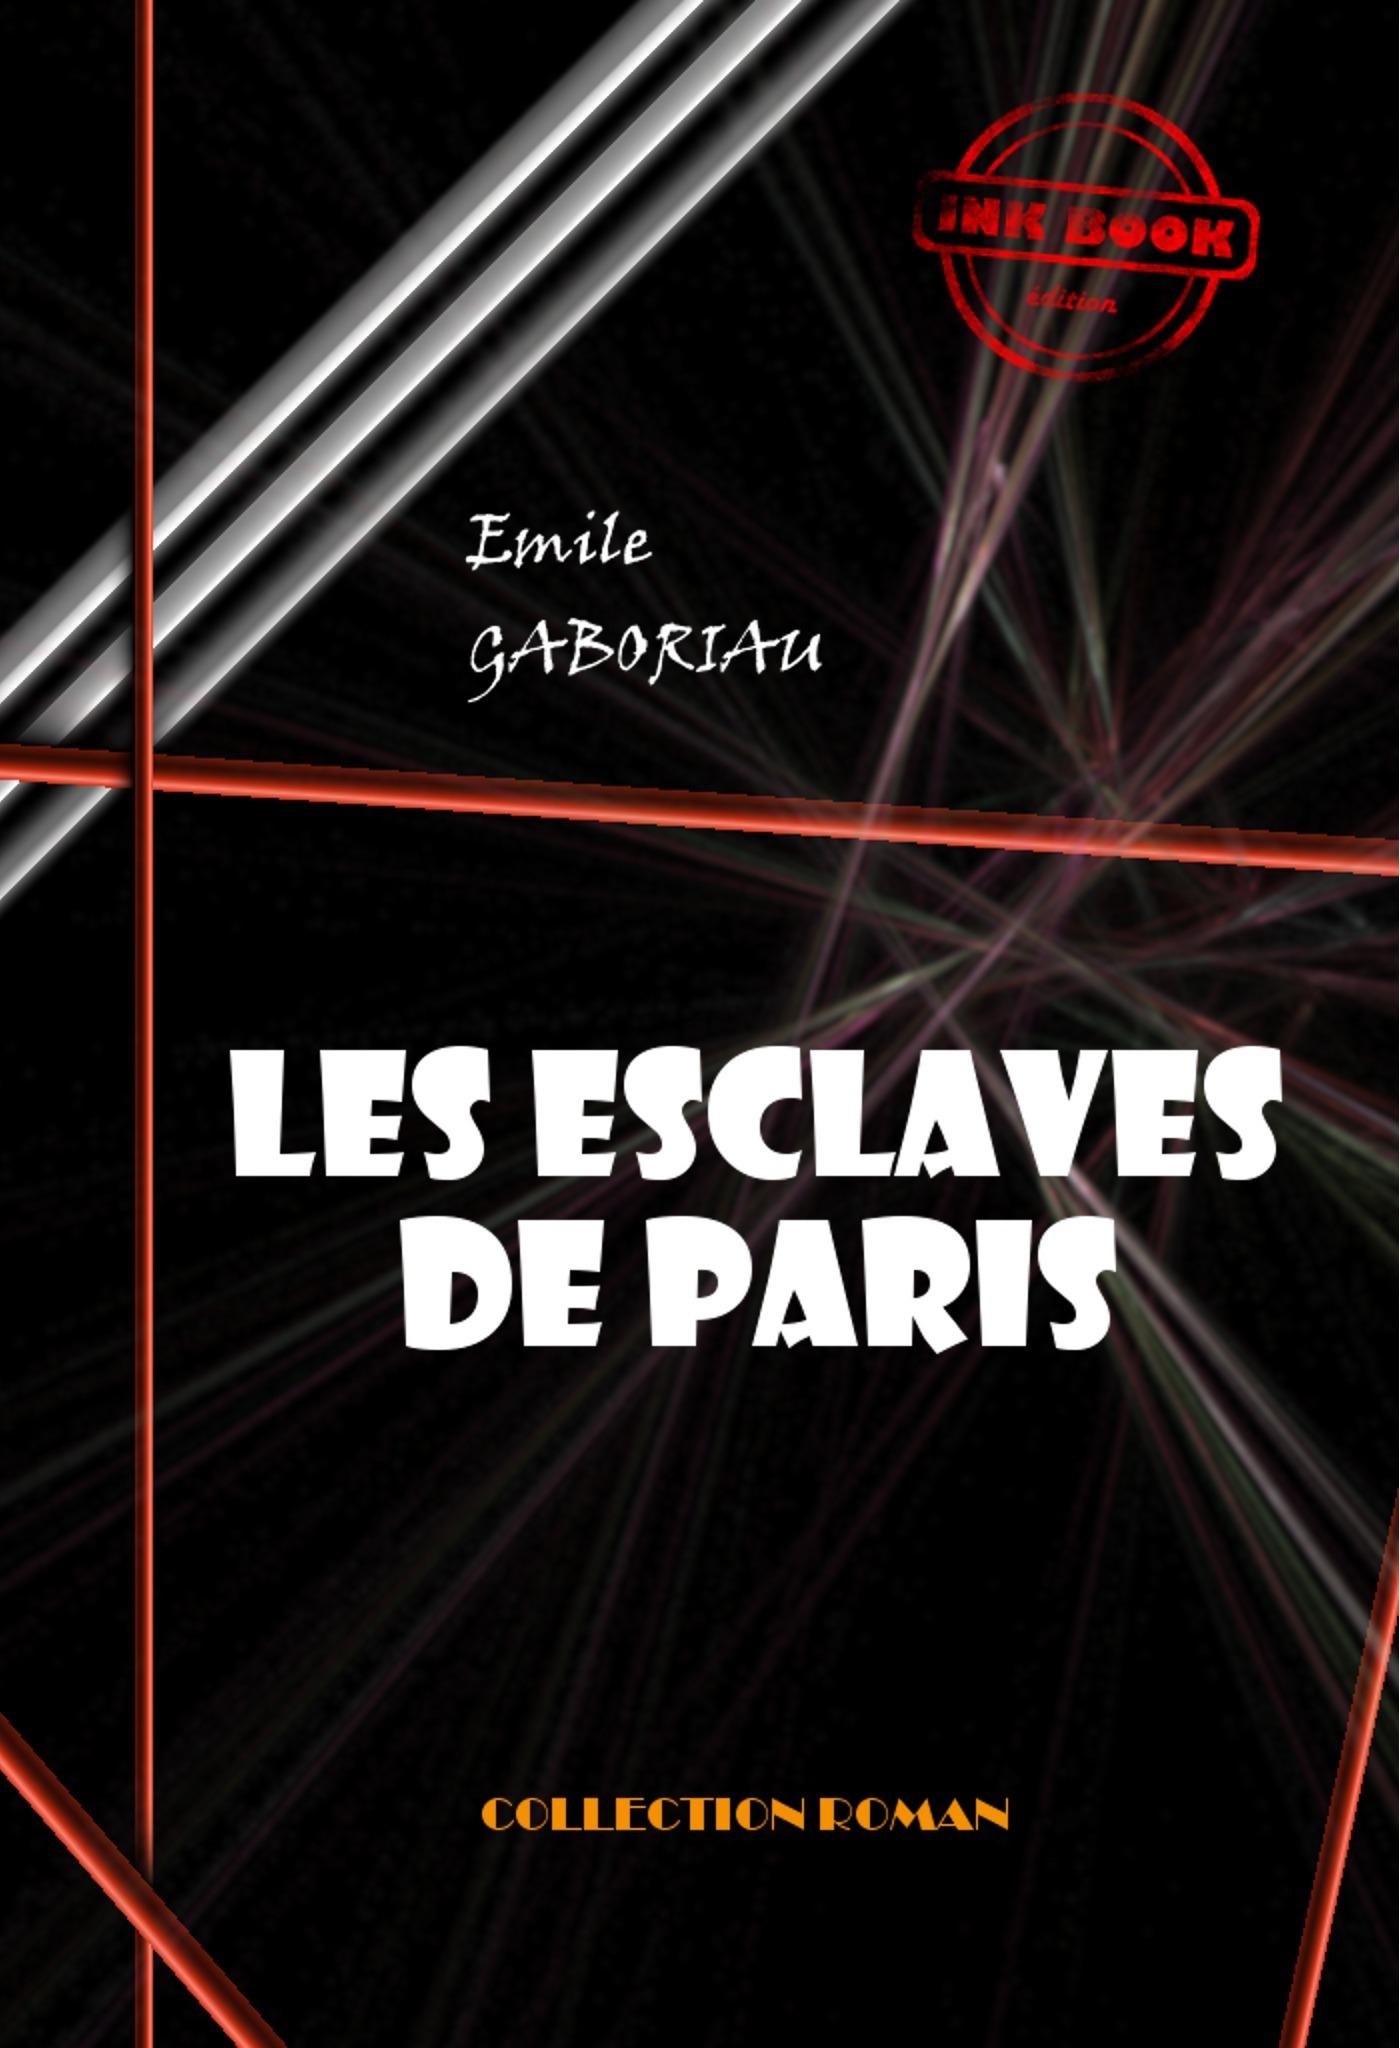 Les esclaves de Paris (Tome I & II)